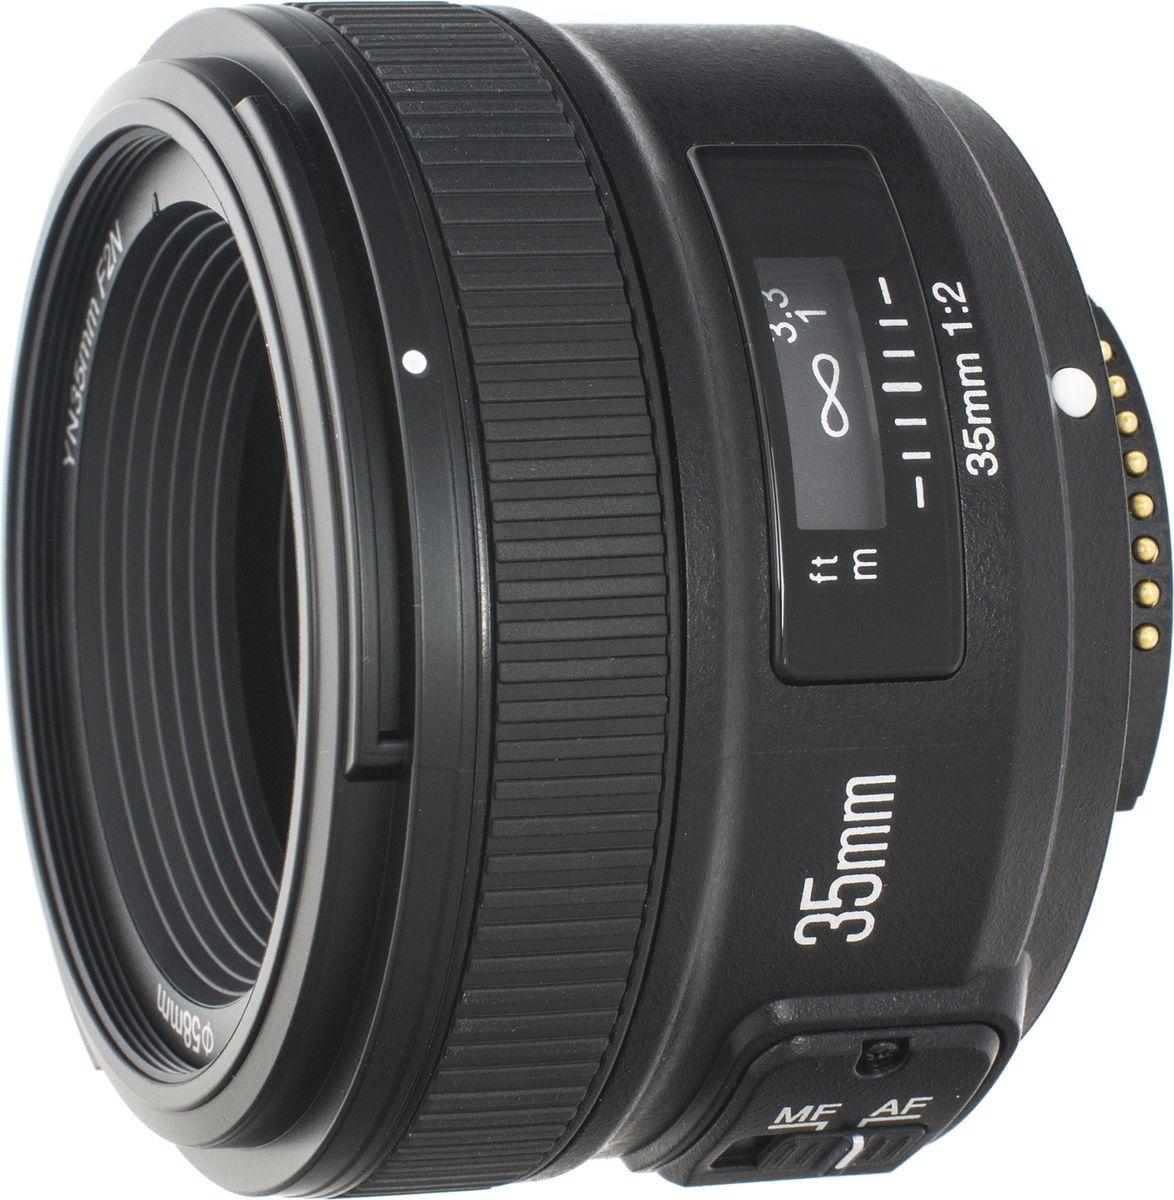 Yongnuo 35F2.0 объектив для NikonYN35MM F2.0NYongNuo AF 35mm f/2 Nikon F — аналог широкоугольного объектива от Nikon. Обладает схожей оптической схемой, но имеет более компактный корпус. 35 мм приравнивается к 56 мм на кроп-матрице, что делает этот объектив универсальным для любительских камер. Объектив YongNuo имеет большую светосилу (f/2), что позволяет эффективно использовать его в помещениях и на коротких выдержках.